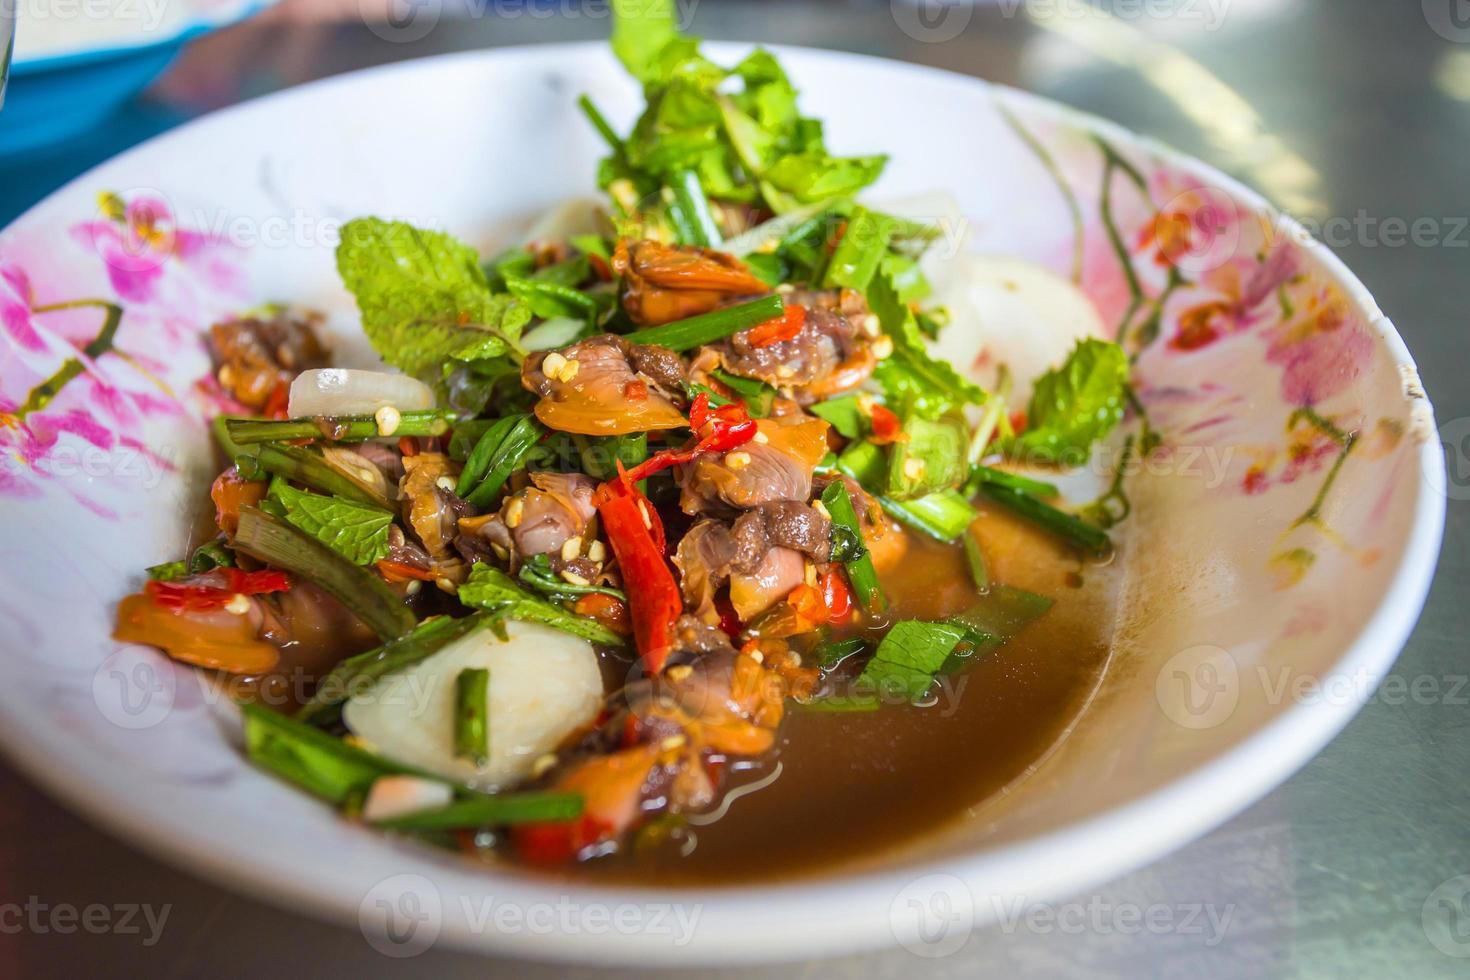 würziger Herzmuschelsalat mit frischem Gemüse auf Teller foto